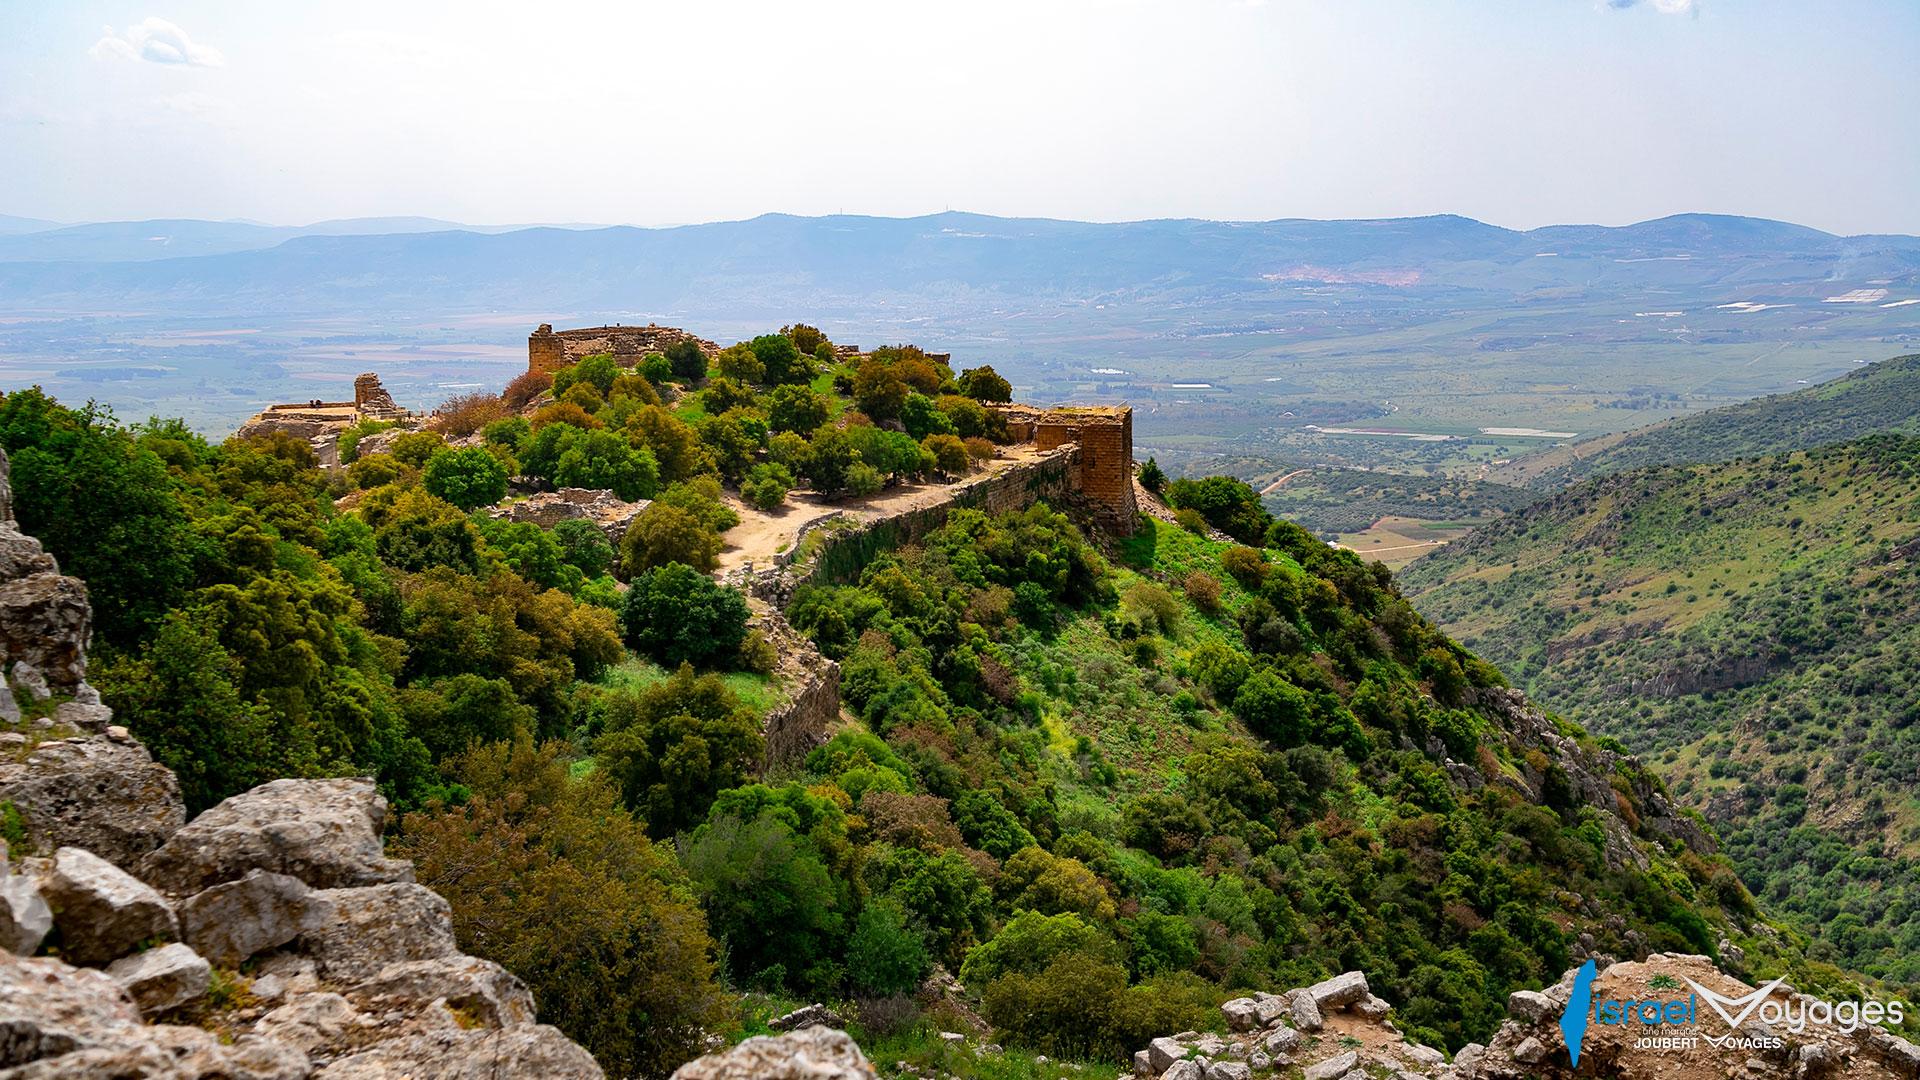 Ruines de la forteresse de Nimrod sur les hauteurs du Golan